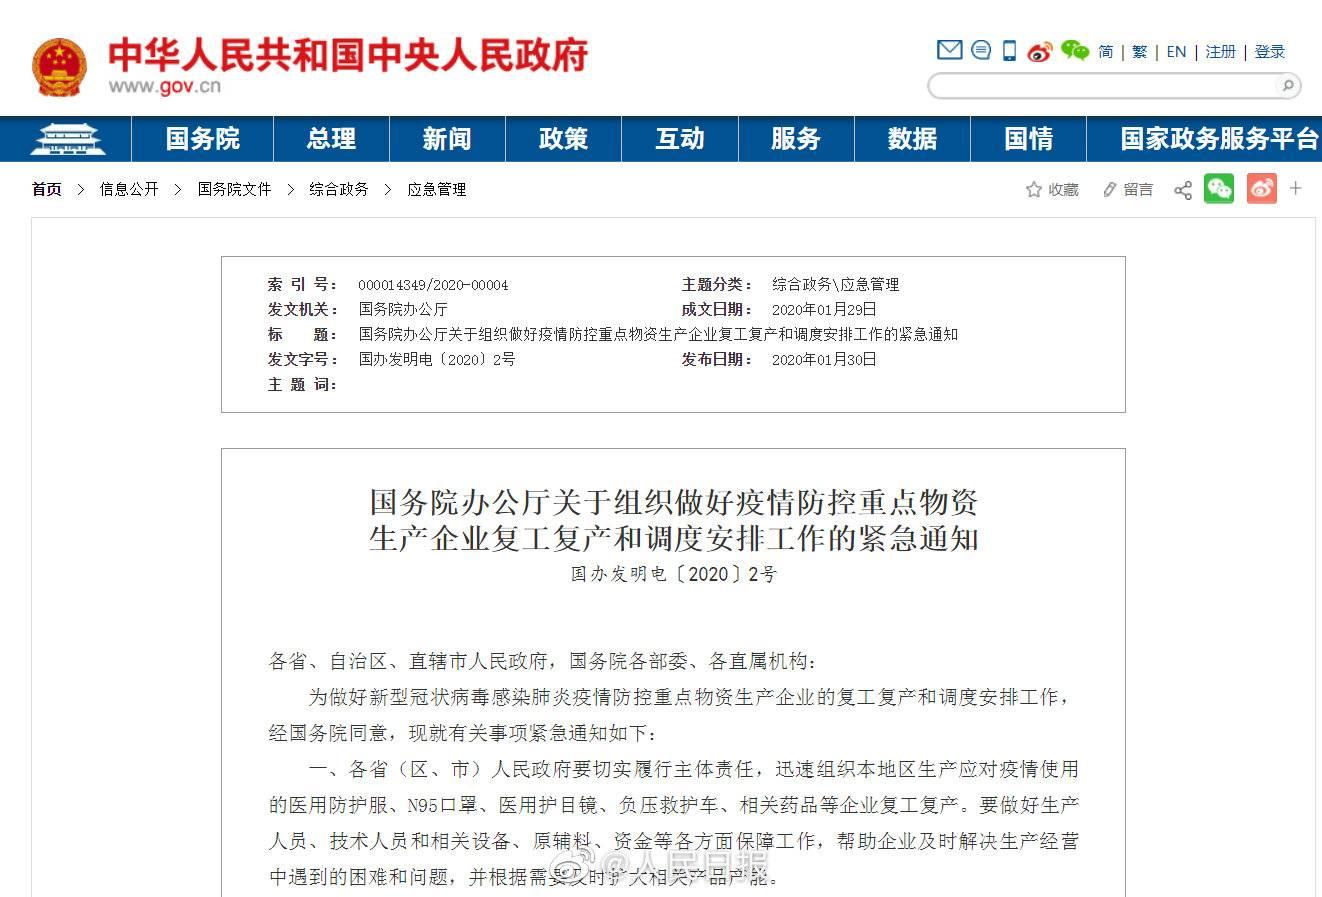 中央人民政府紧急通知丨来源网络